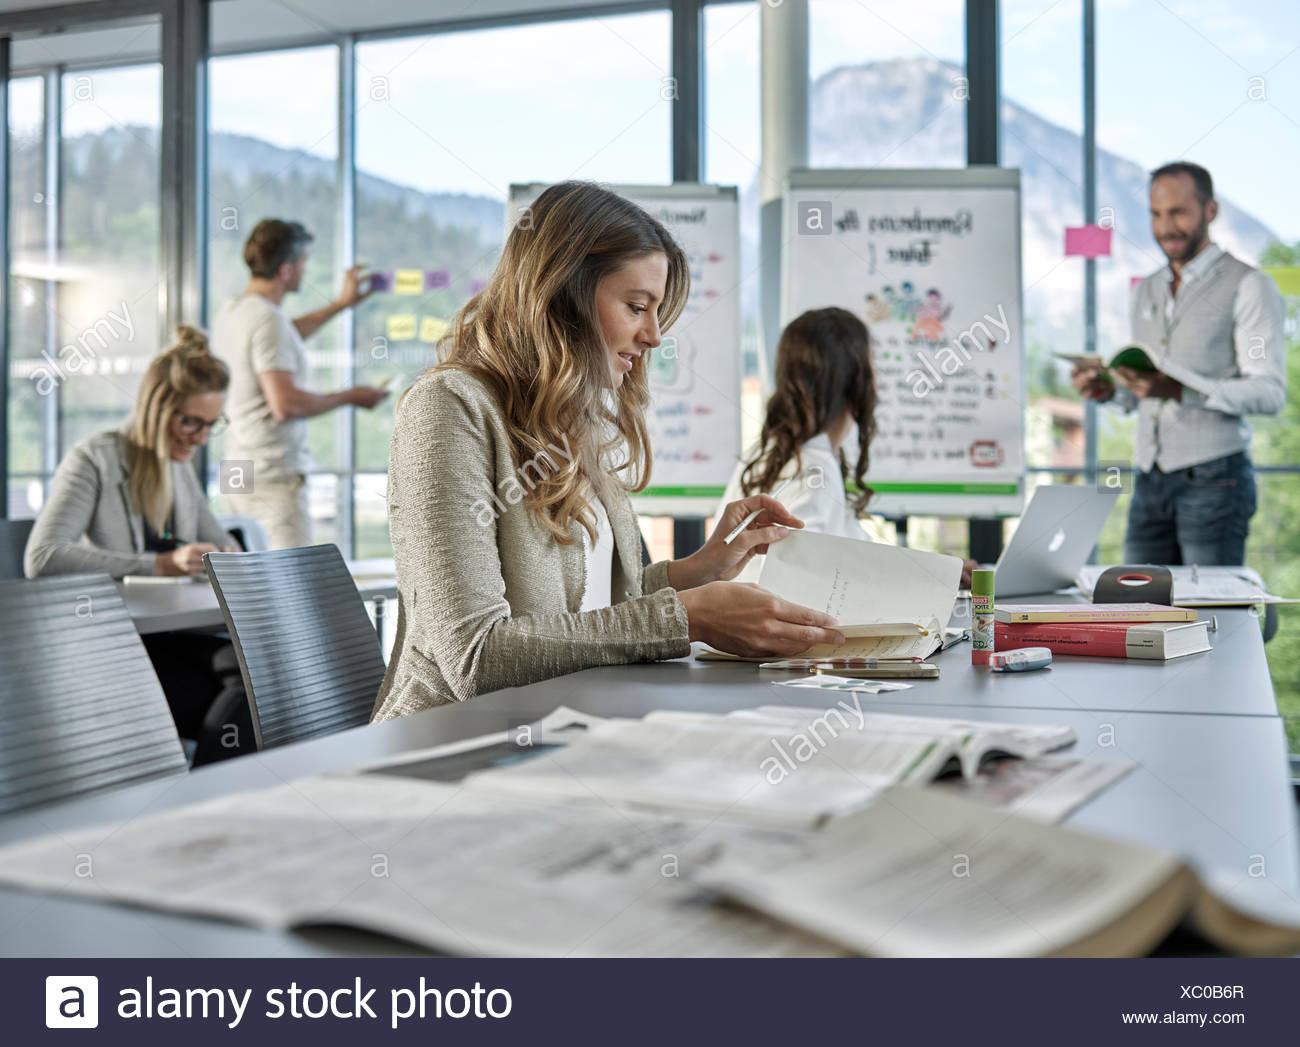 Lavoro di squadra creativa, presentazione brainstorming, lavori di progetto, workshop, corsi di formazione, un seminario per i dirigenti, istruzione degli adulti Immagini Stock